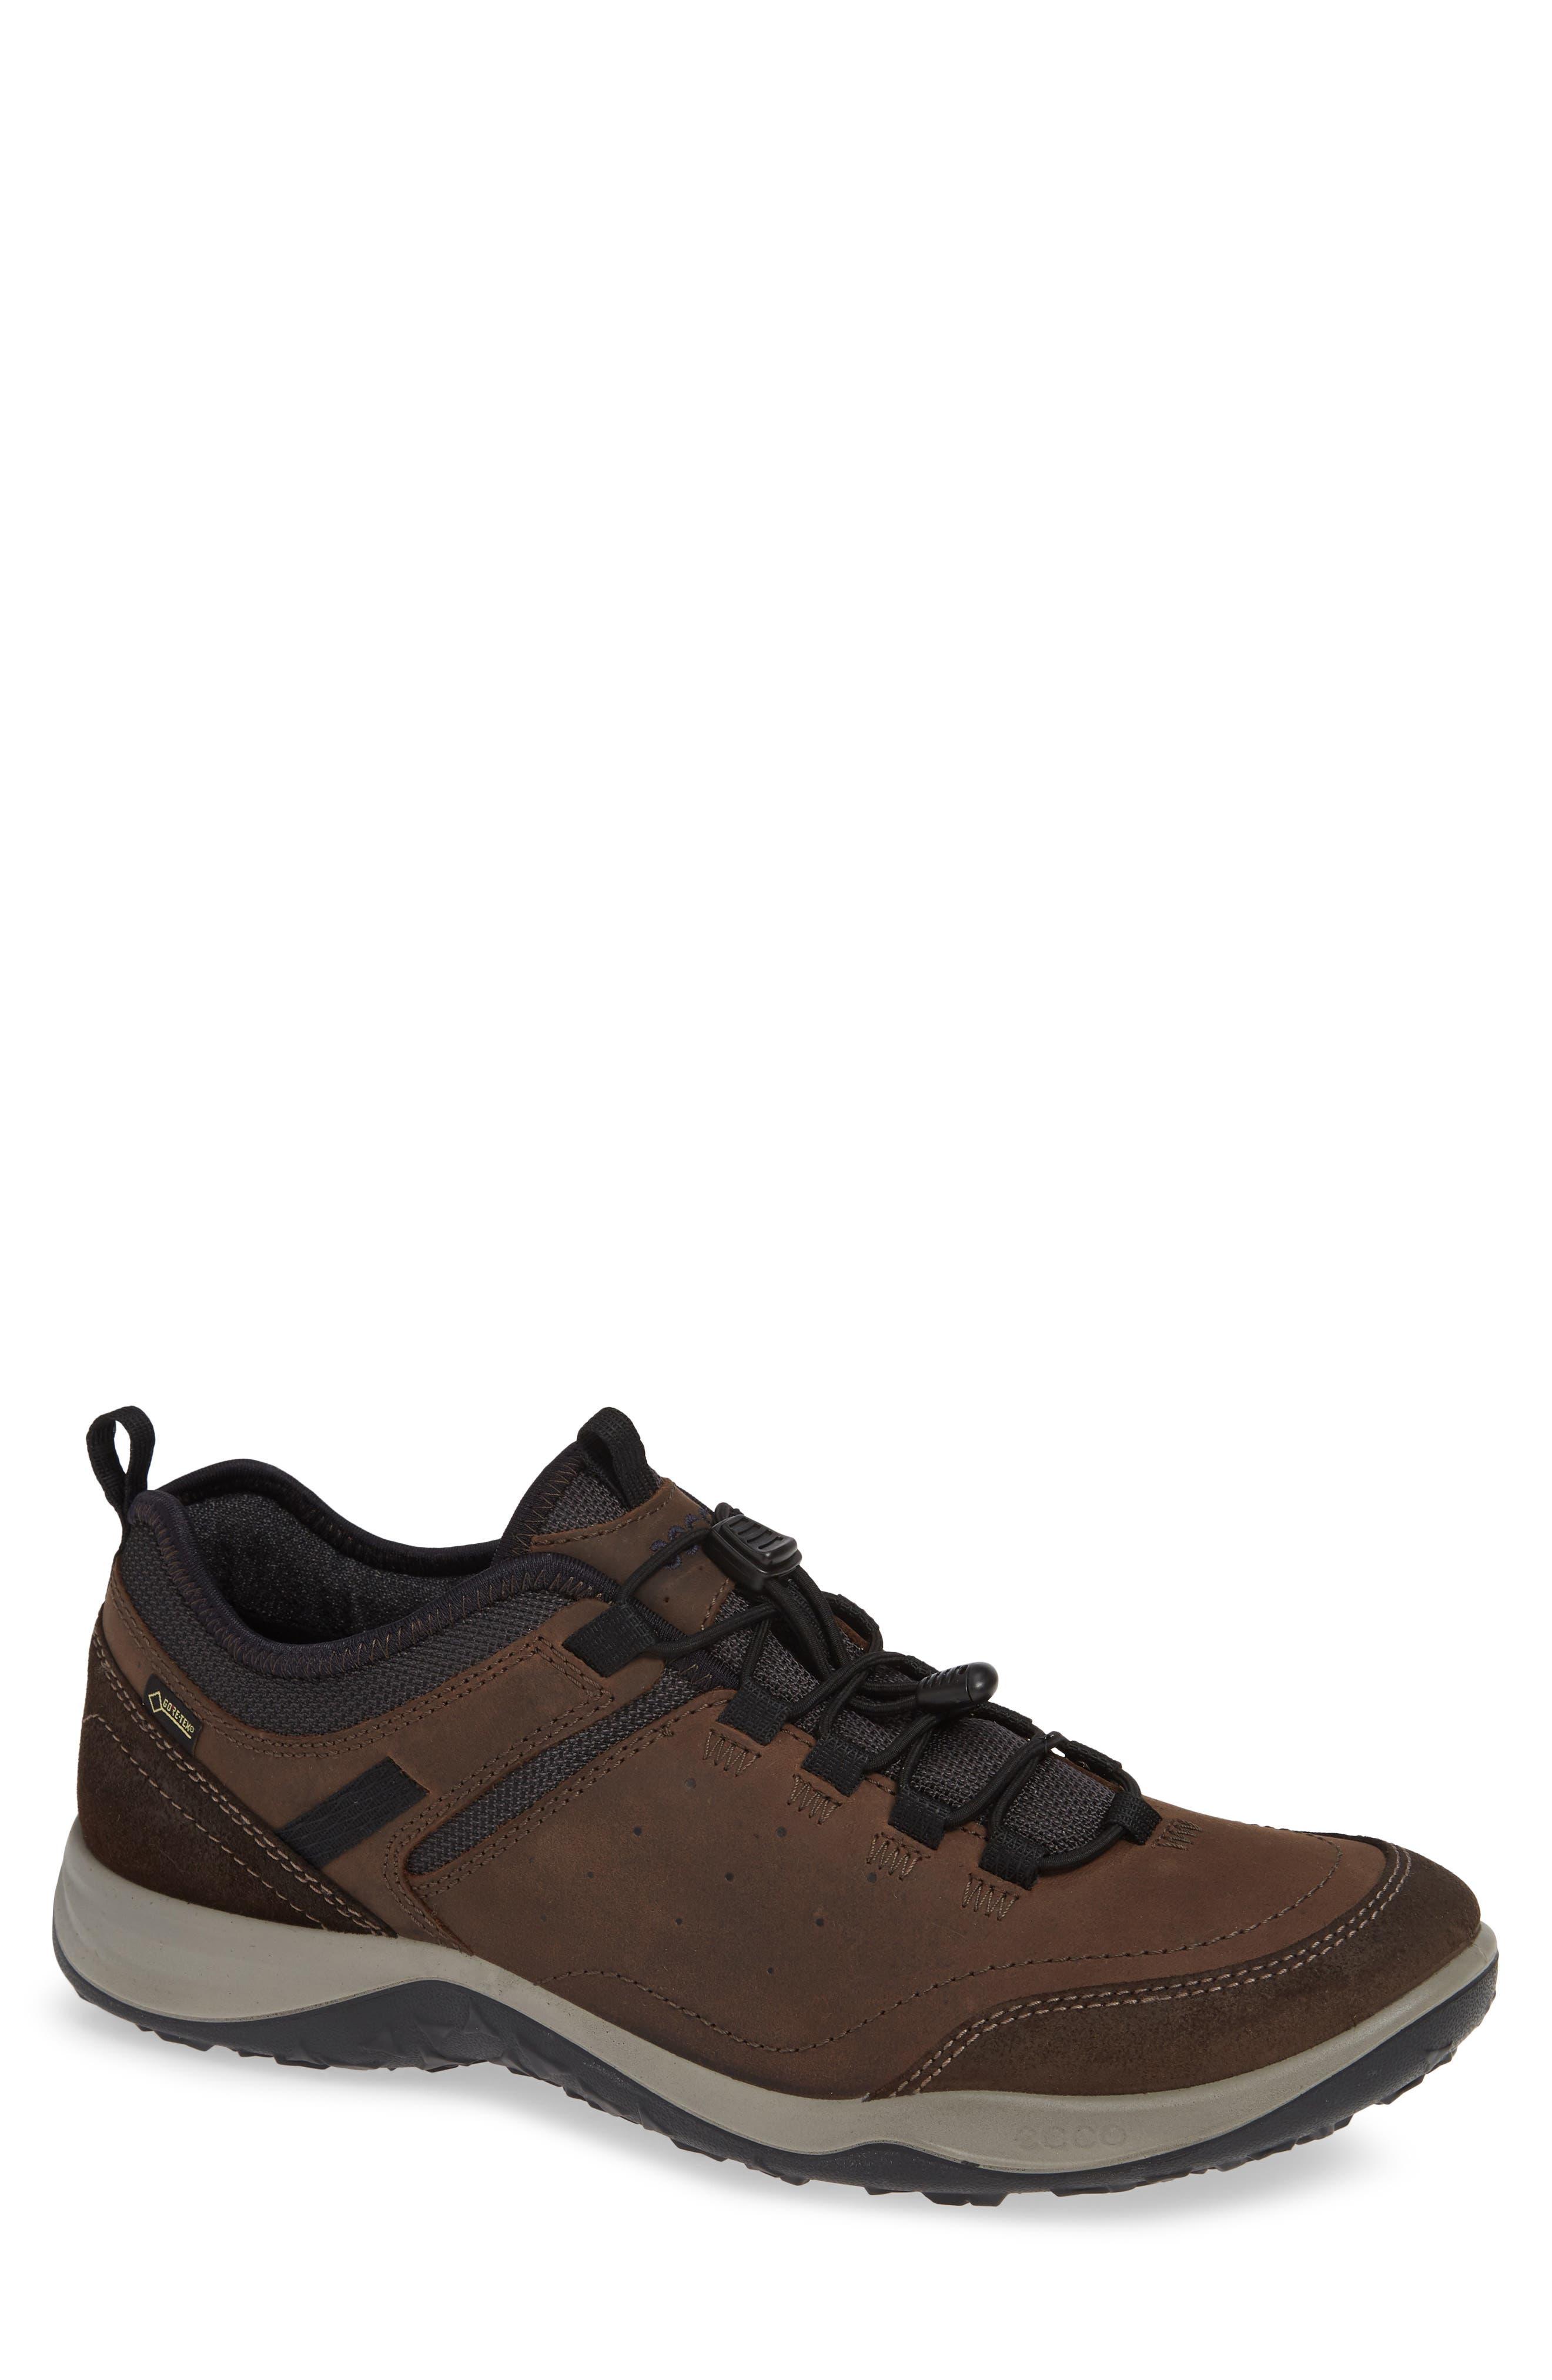 'Espinho GTX' Sneaker,                             Main thumbnail 1, color,                             ESPRESSO NUBUCK